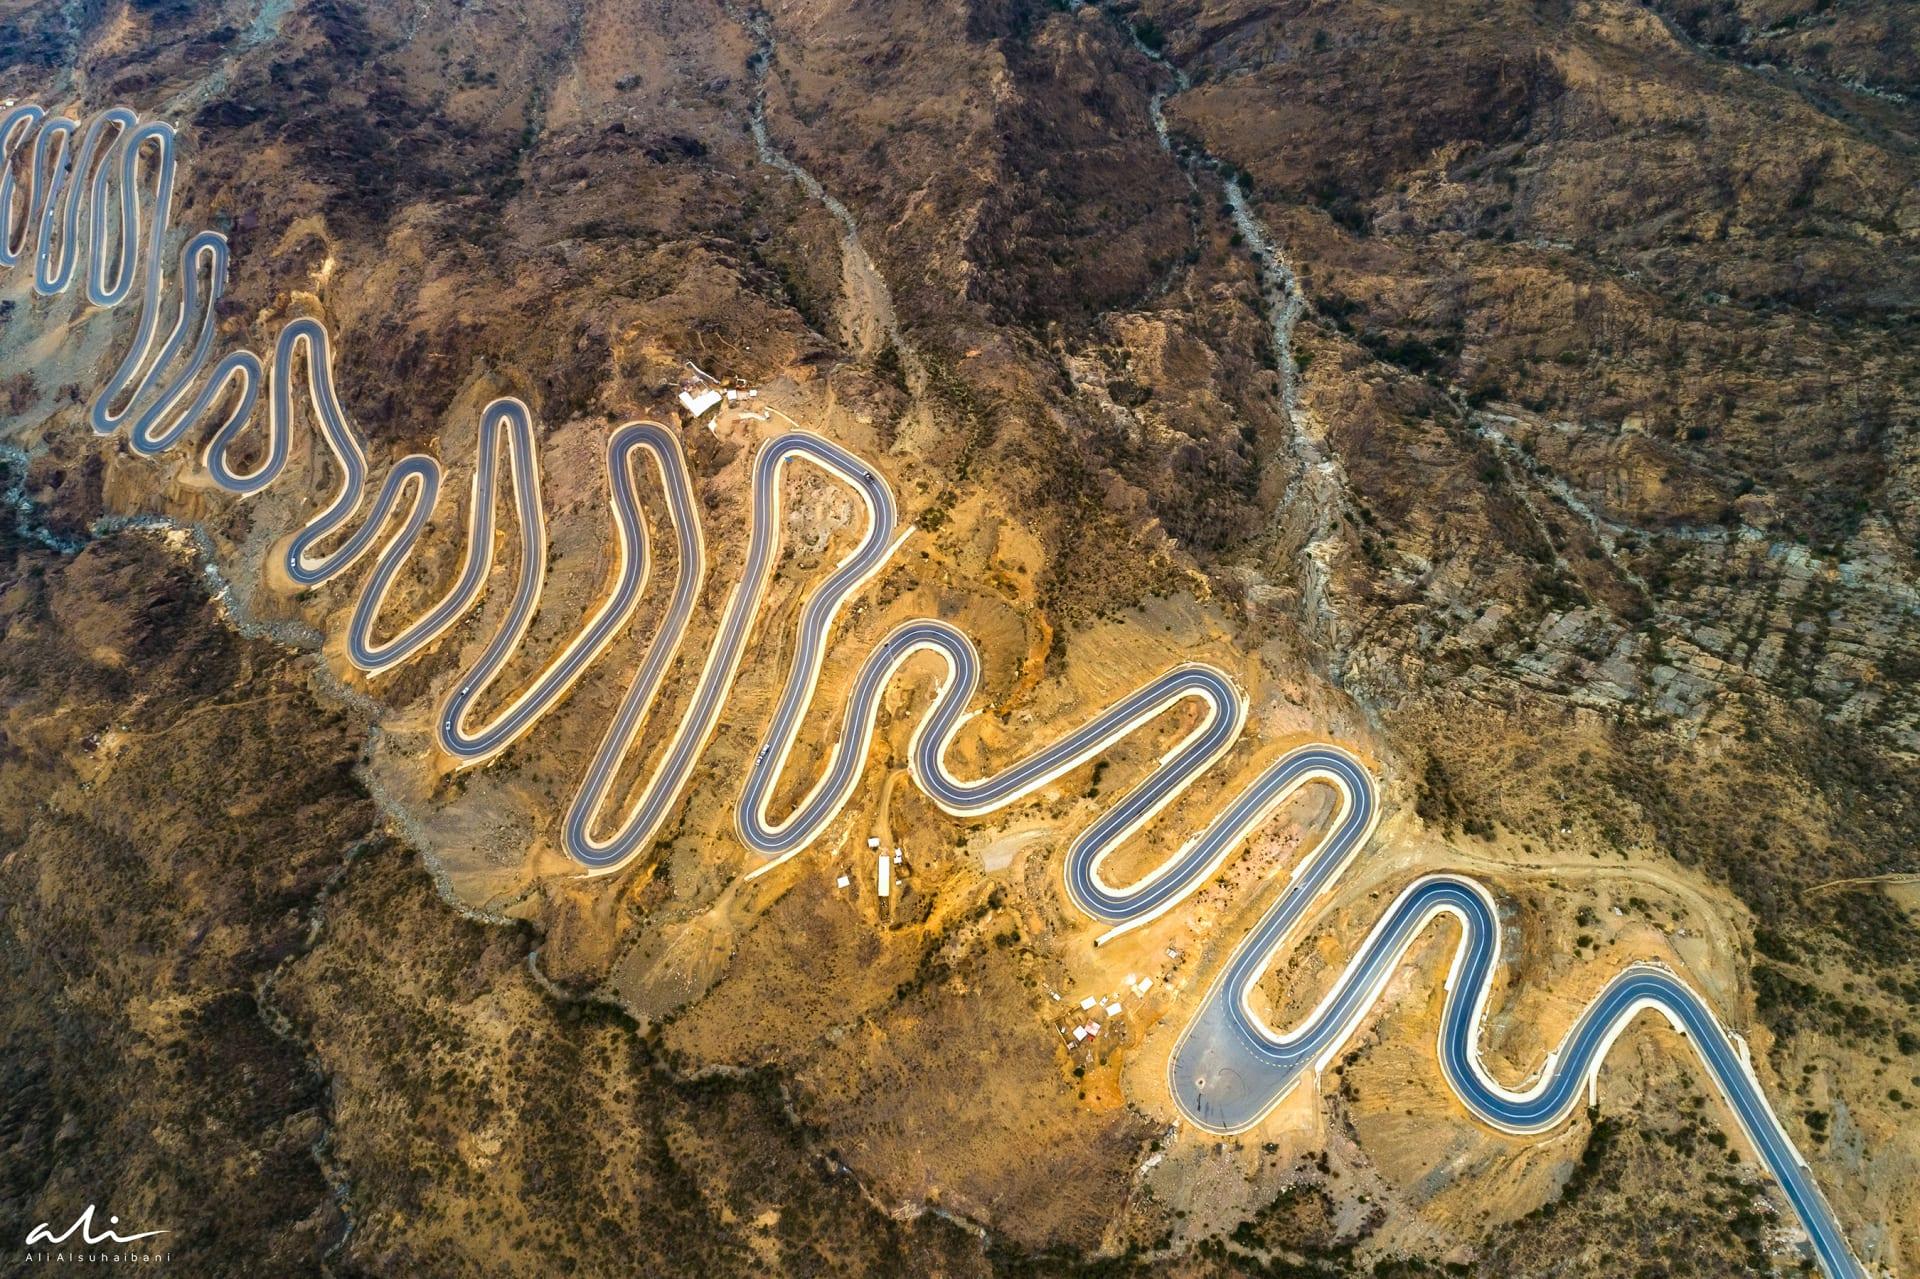 يجب أن تشاهده من الأعلى.. صور جوية بالسعودية تبين المظهر الحلزوني الفريد لهذا الطريق الجبلي